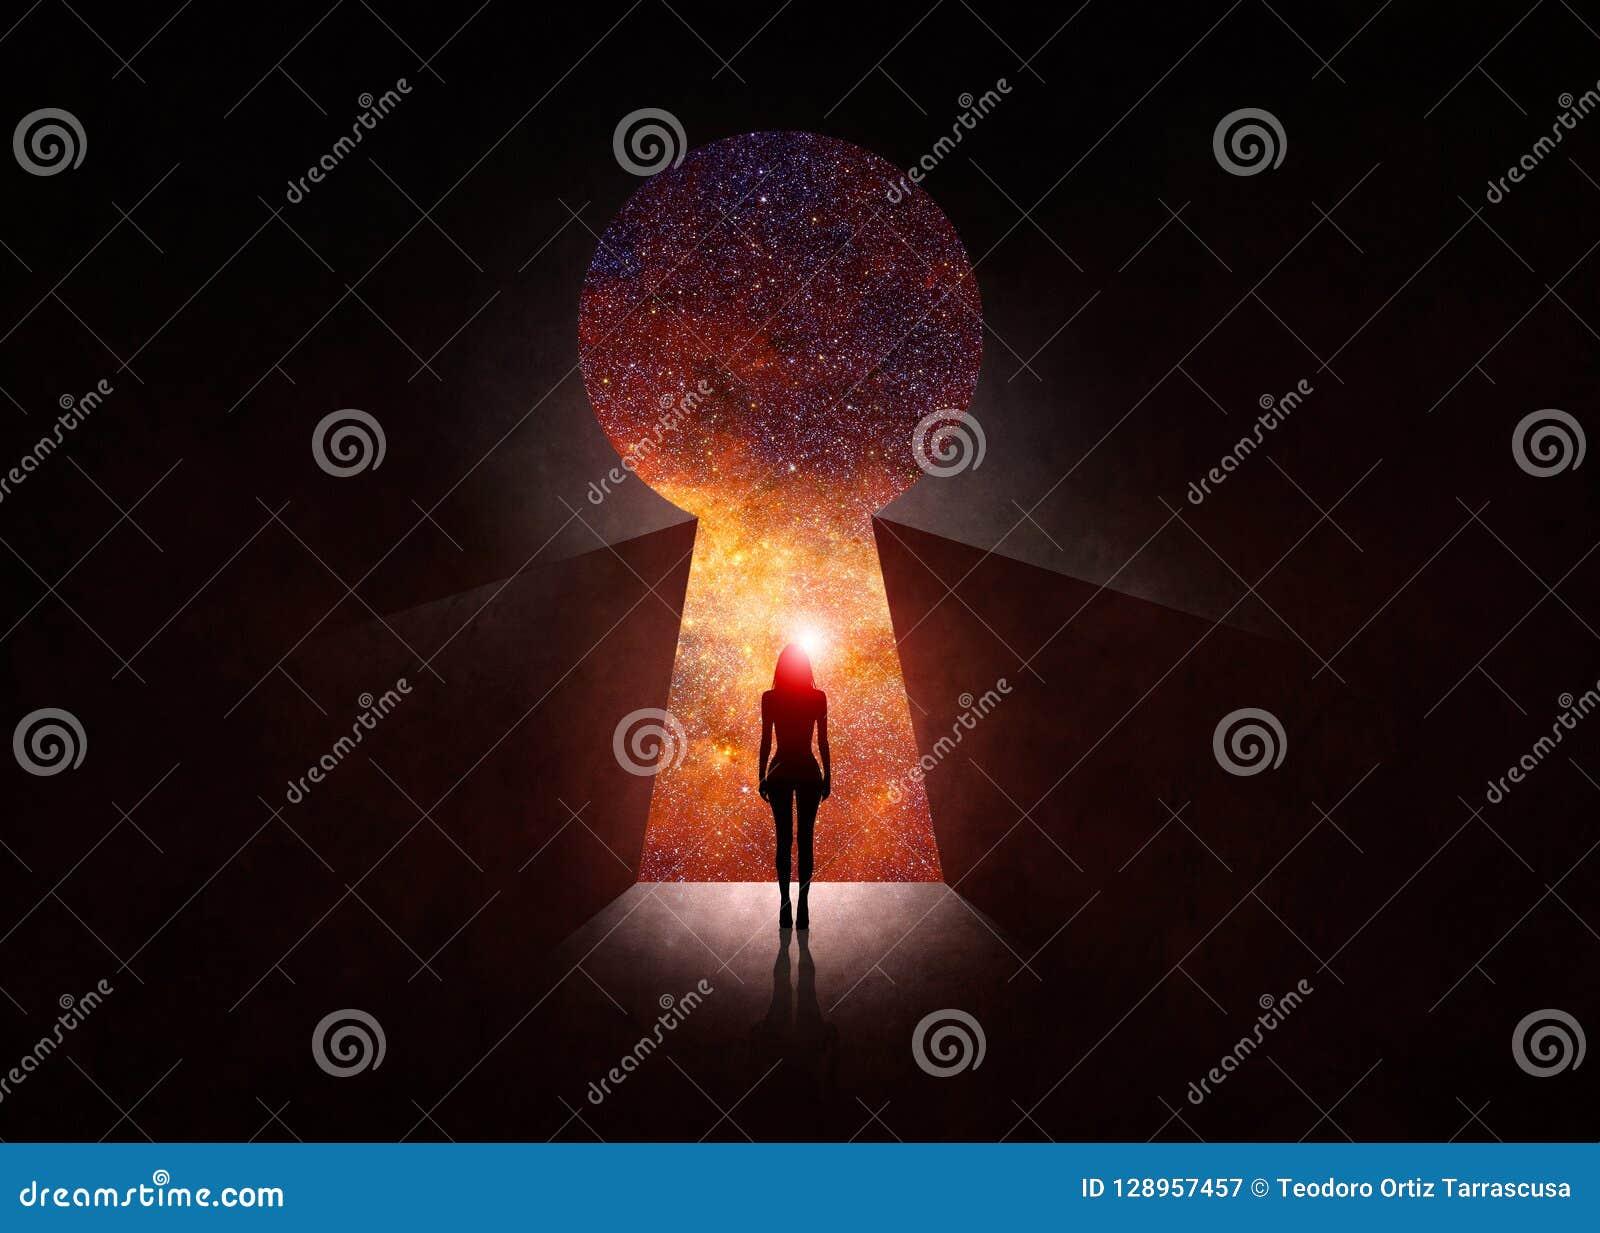 Framdel av den öppna dörren med universum bakom